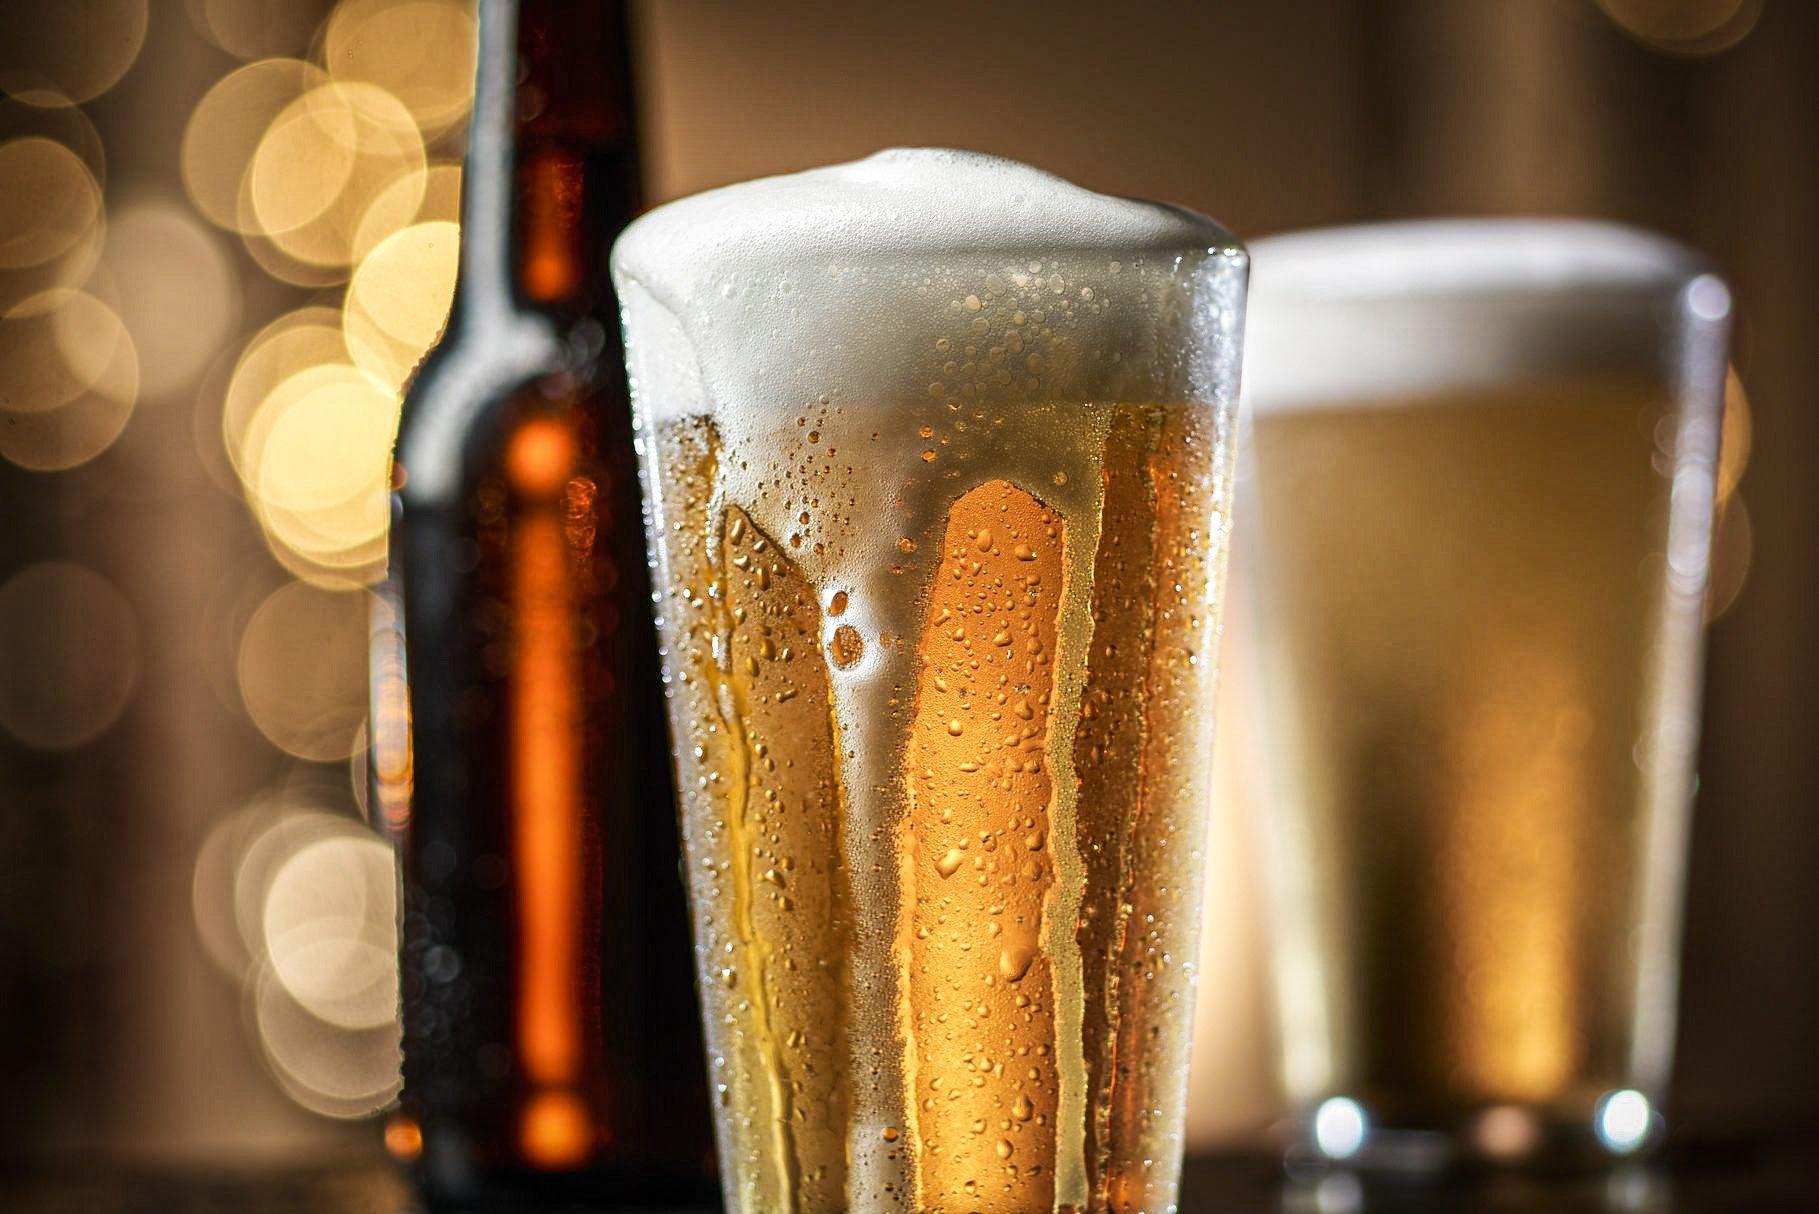 Ama cerveja? Você pode criar sua própria bebida no desafio da Ambev | Exame